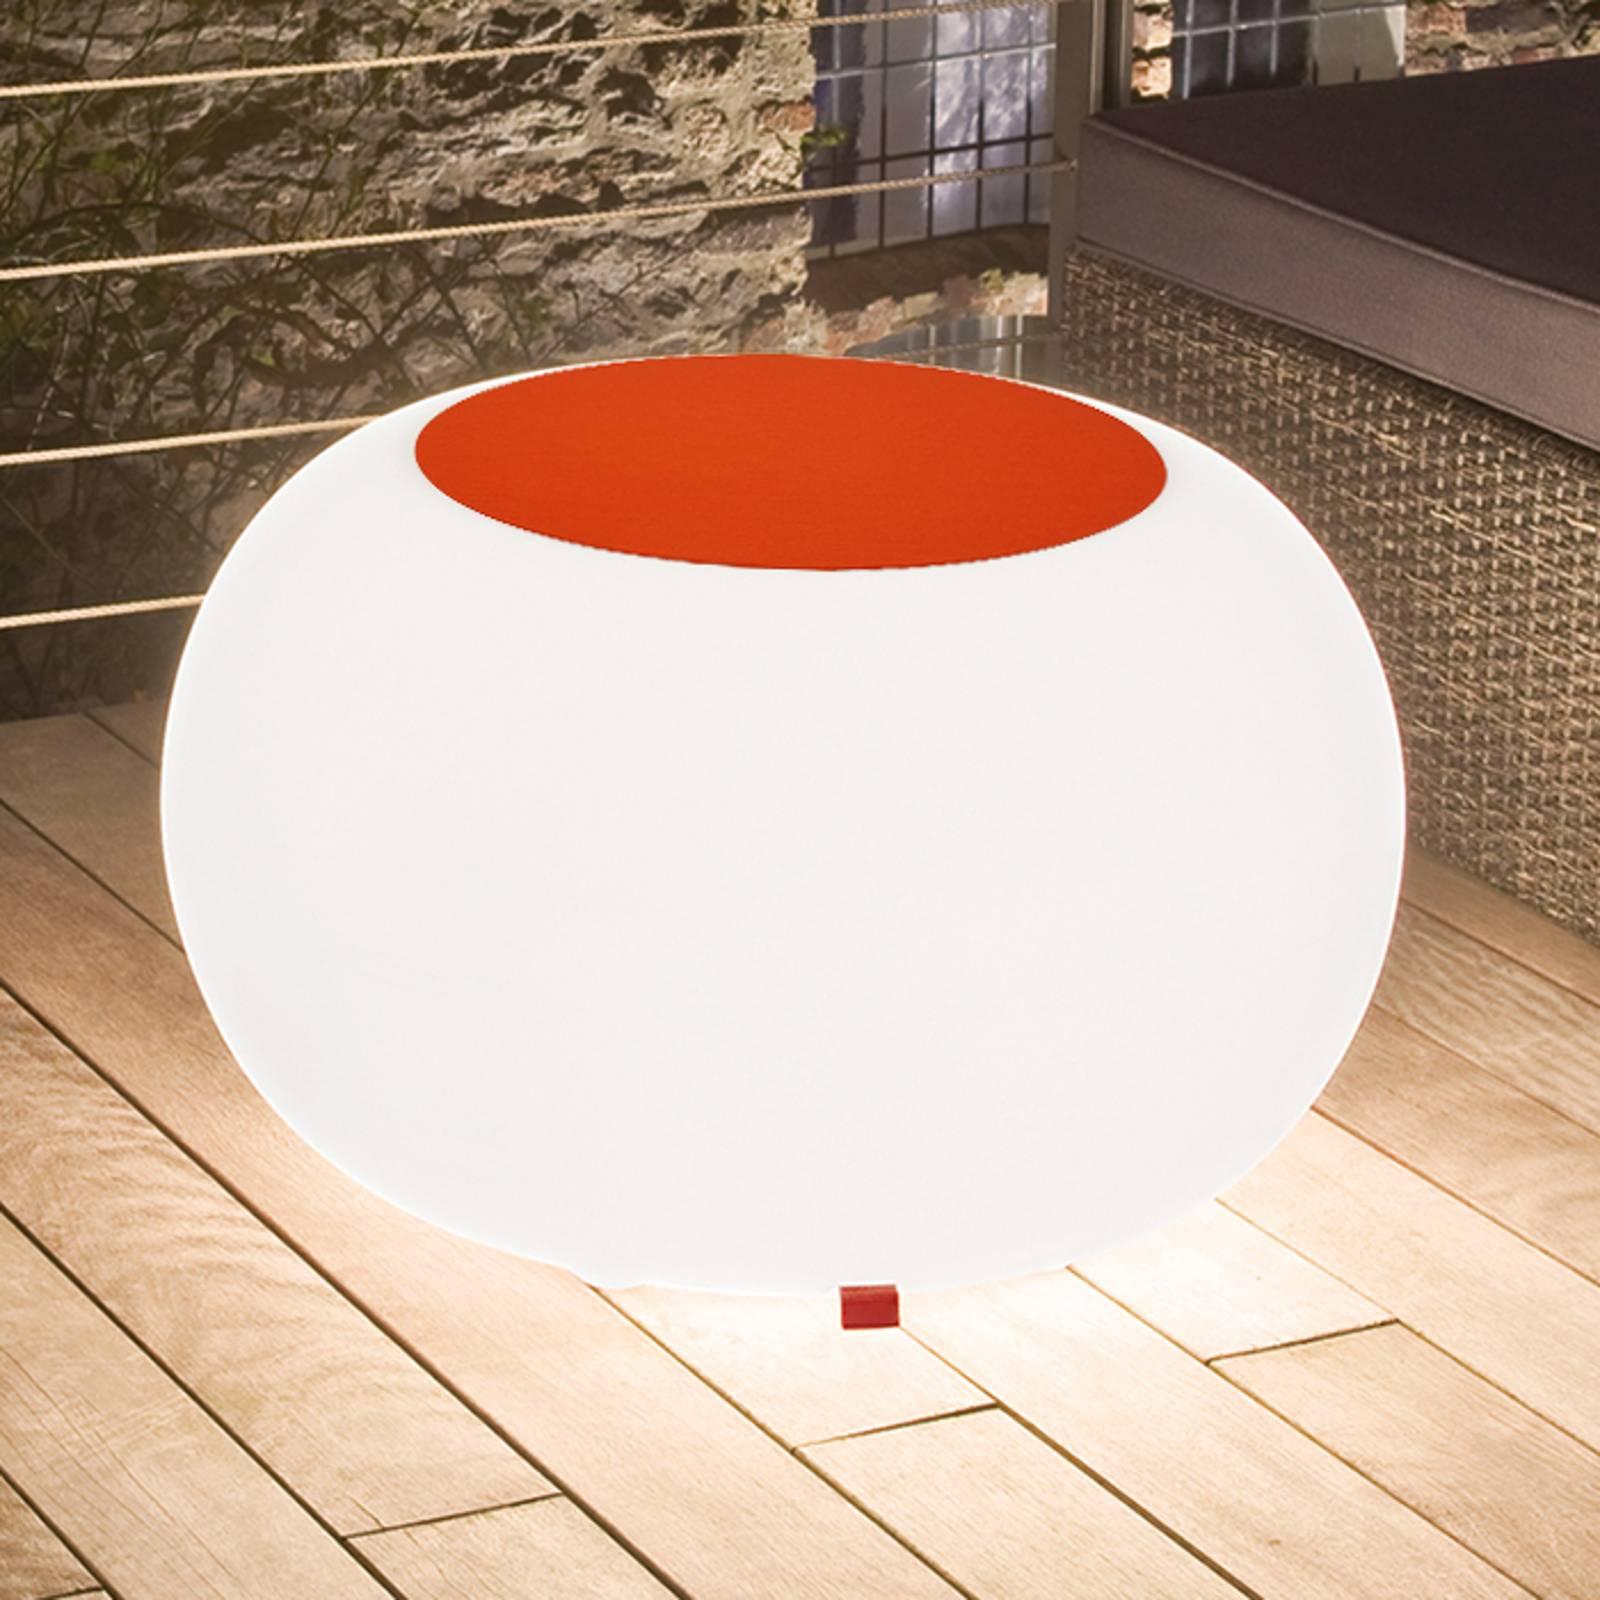 Bubble Outdoor pöytä valo valkoinen huopa oranssi